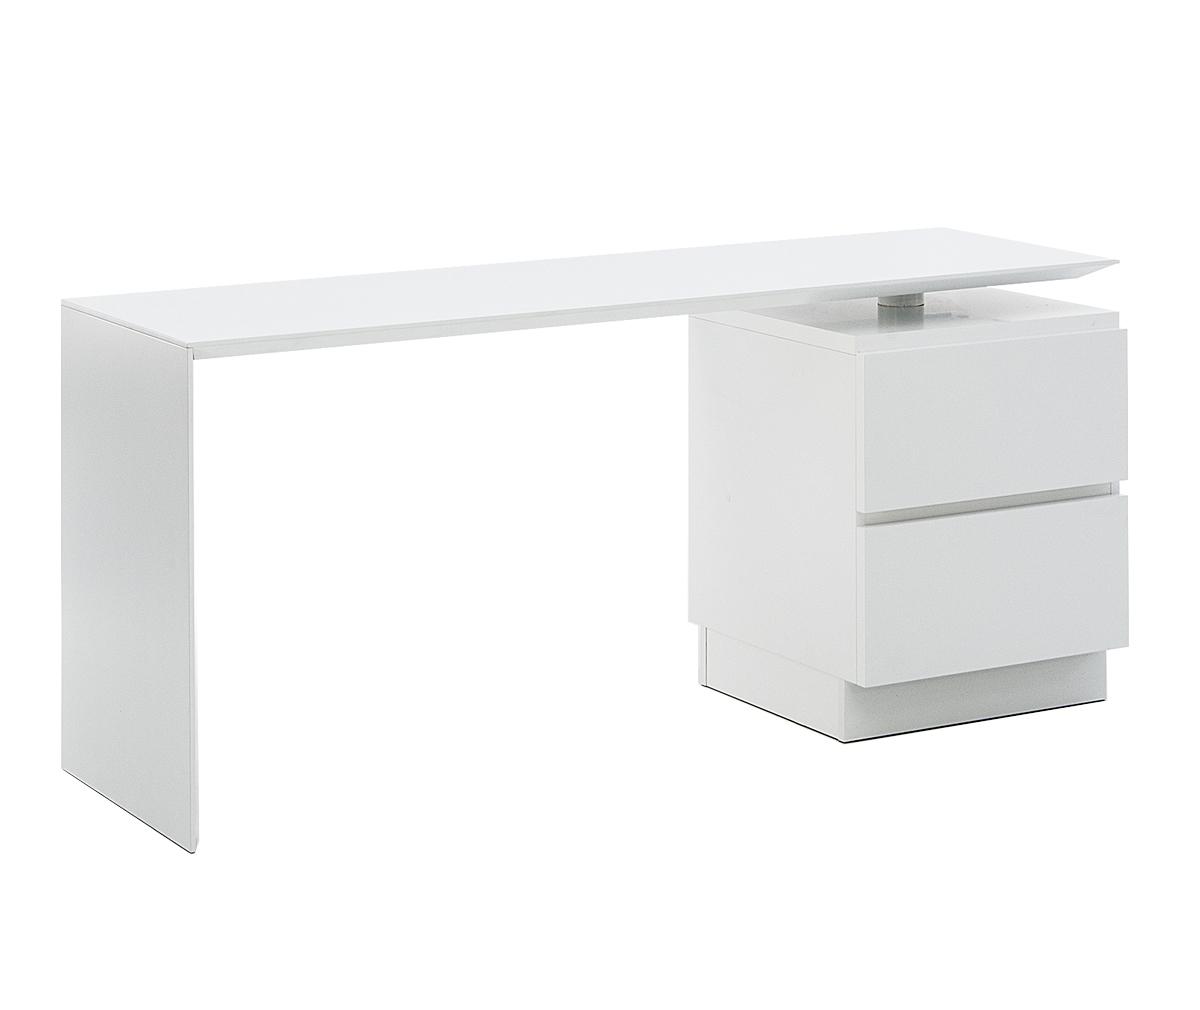 Muurame Slimmi työpöytä L 117 cm | Vepsäläinen